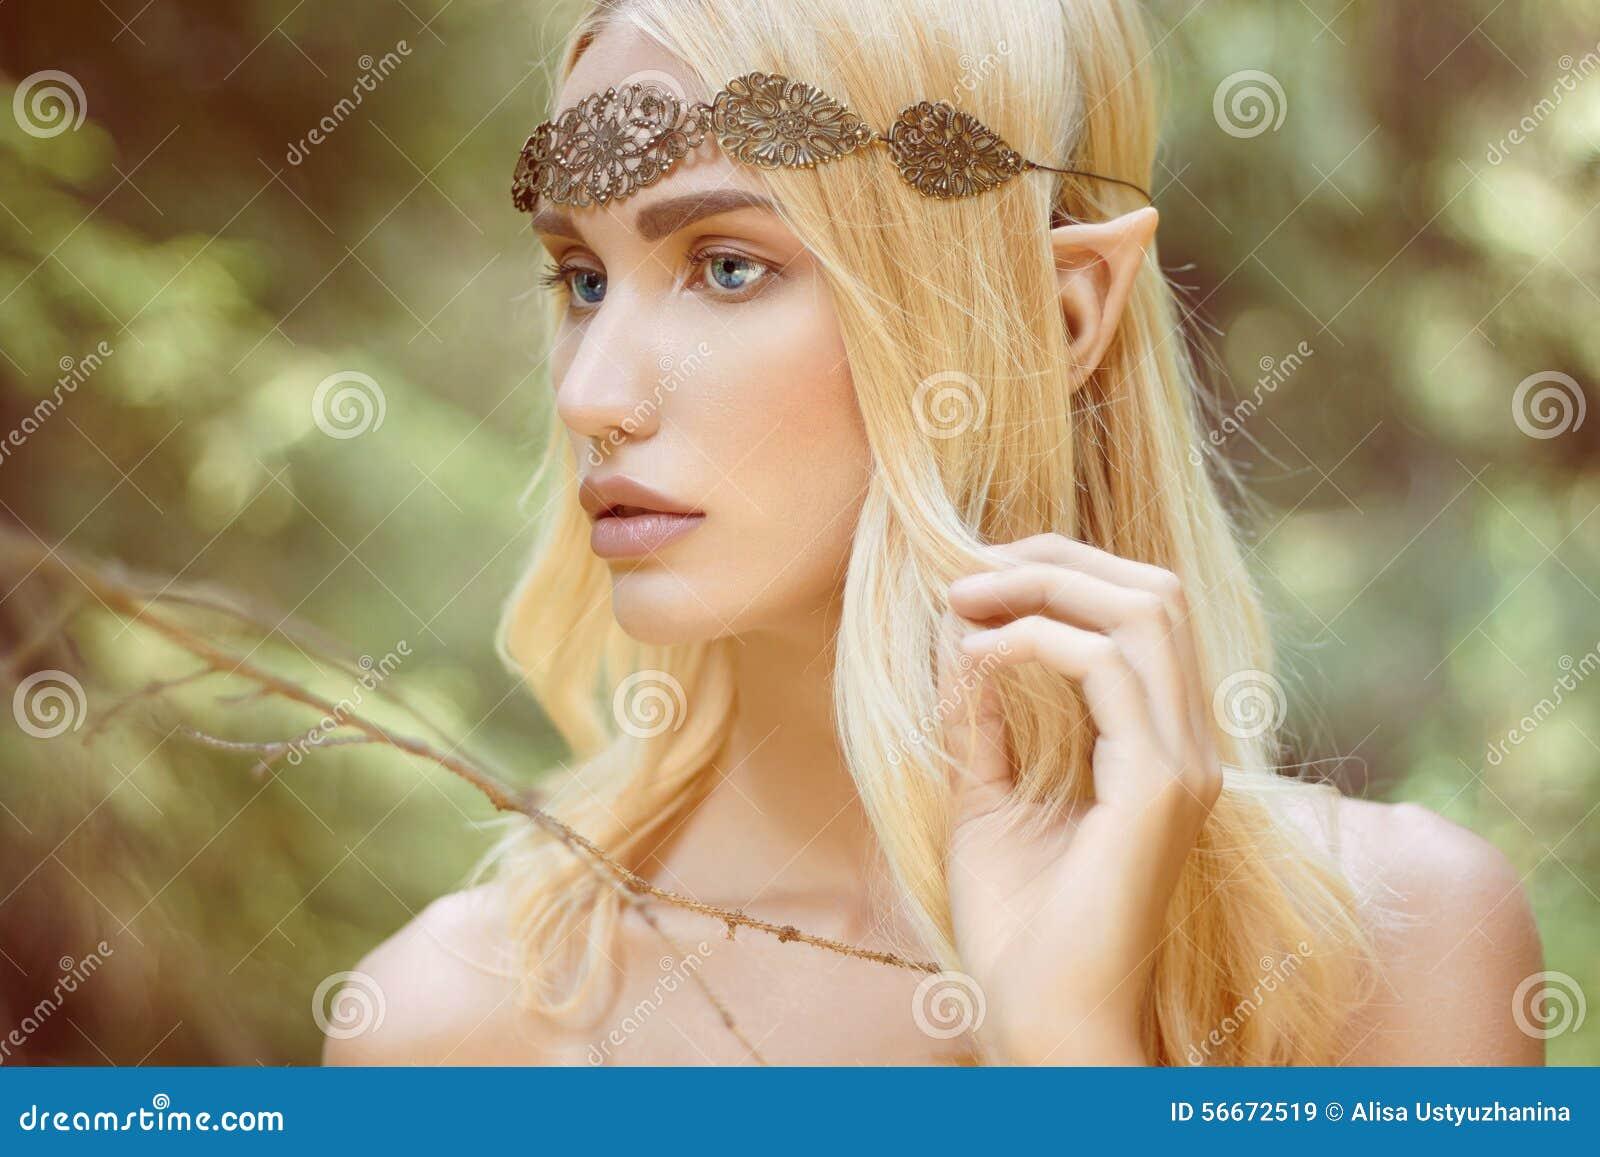 Belle Fille D Elfe D Imagination En Bois Image Stock